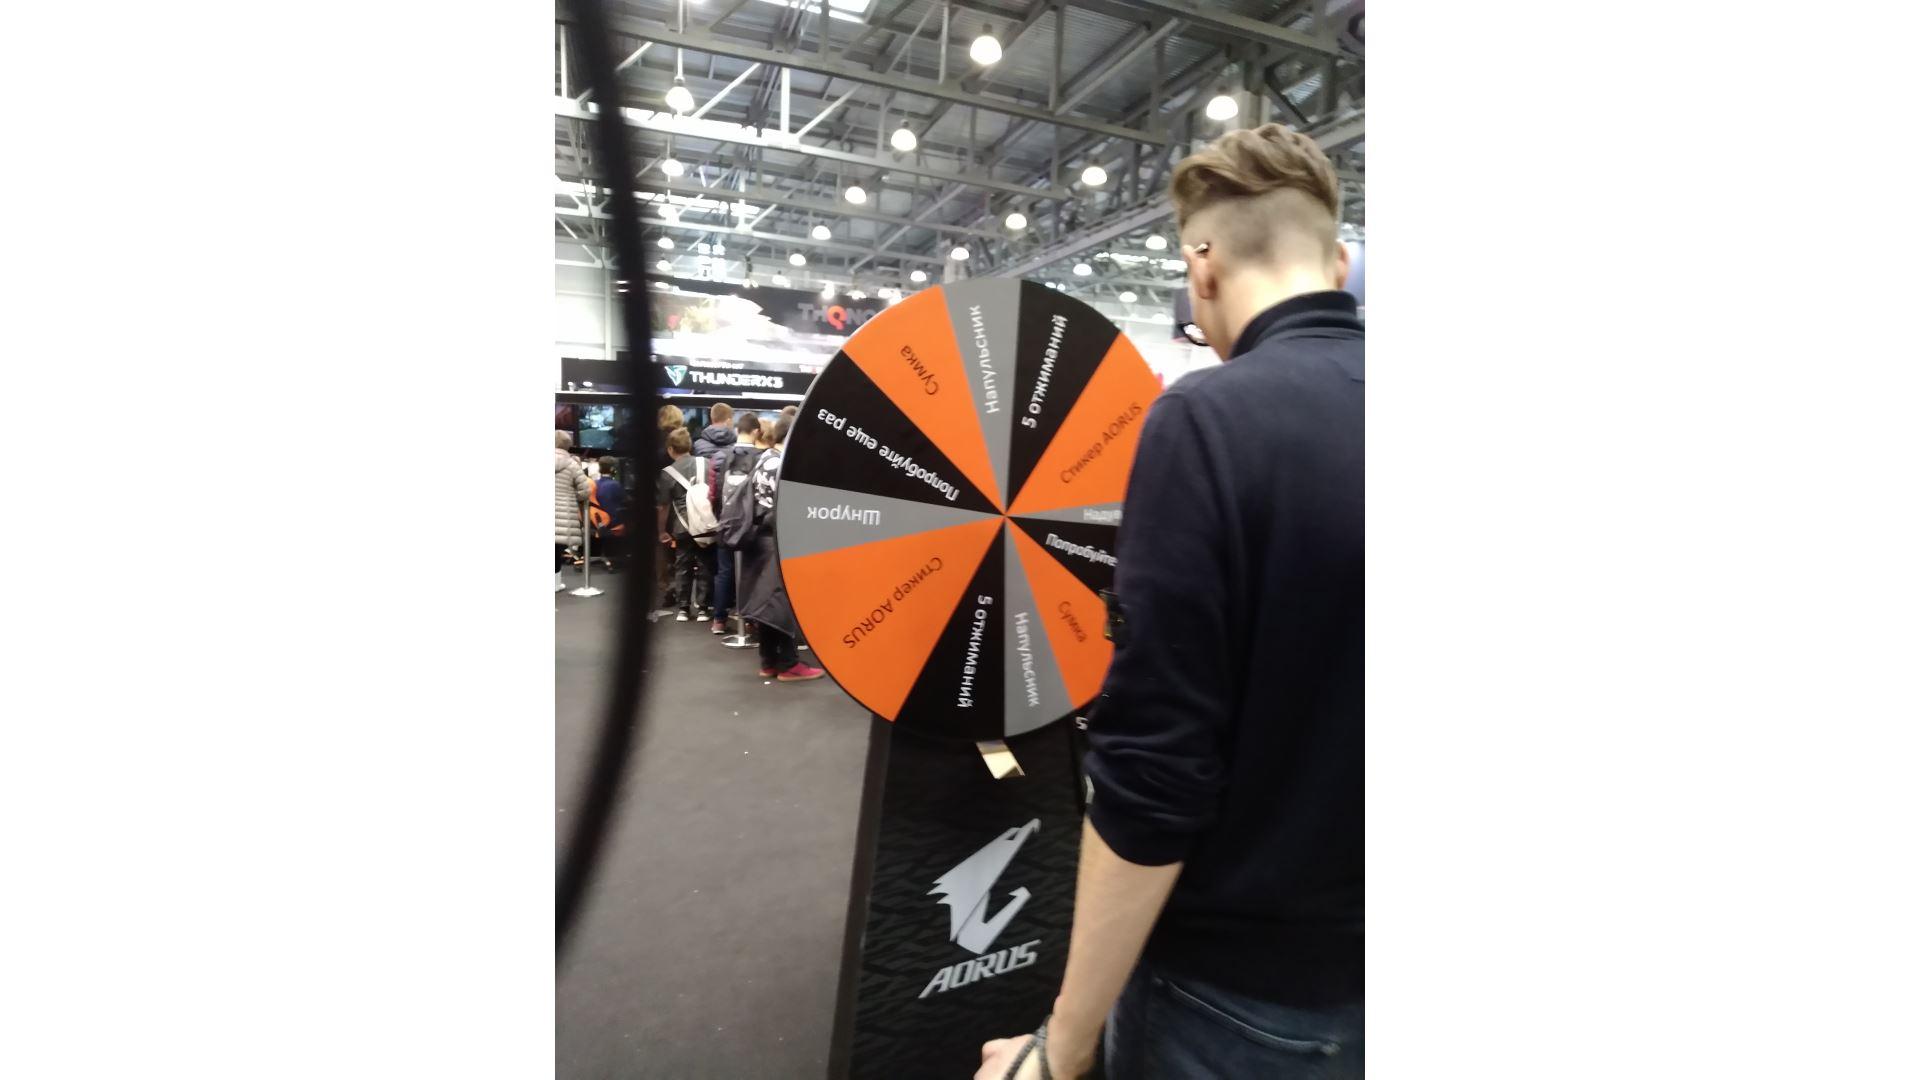 На иллюстрации изображён стенд компании GIGABYTE и колесо удачи с розыгрышем призов на выставке «ИгроМир 2018»